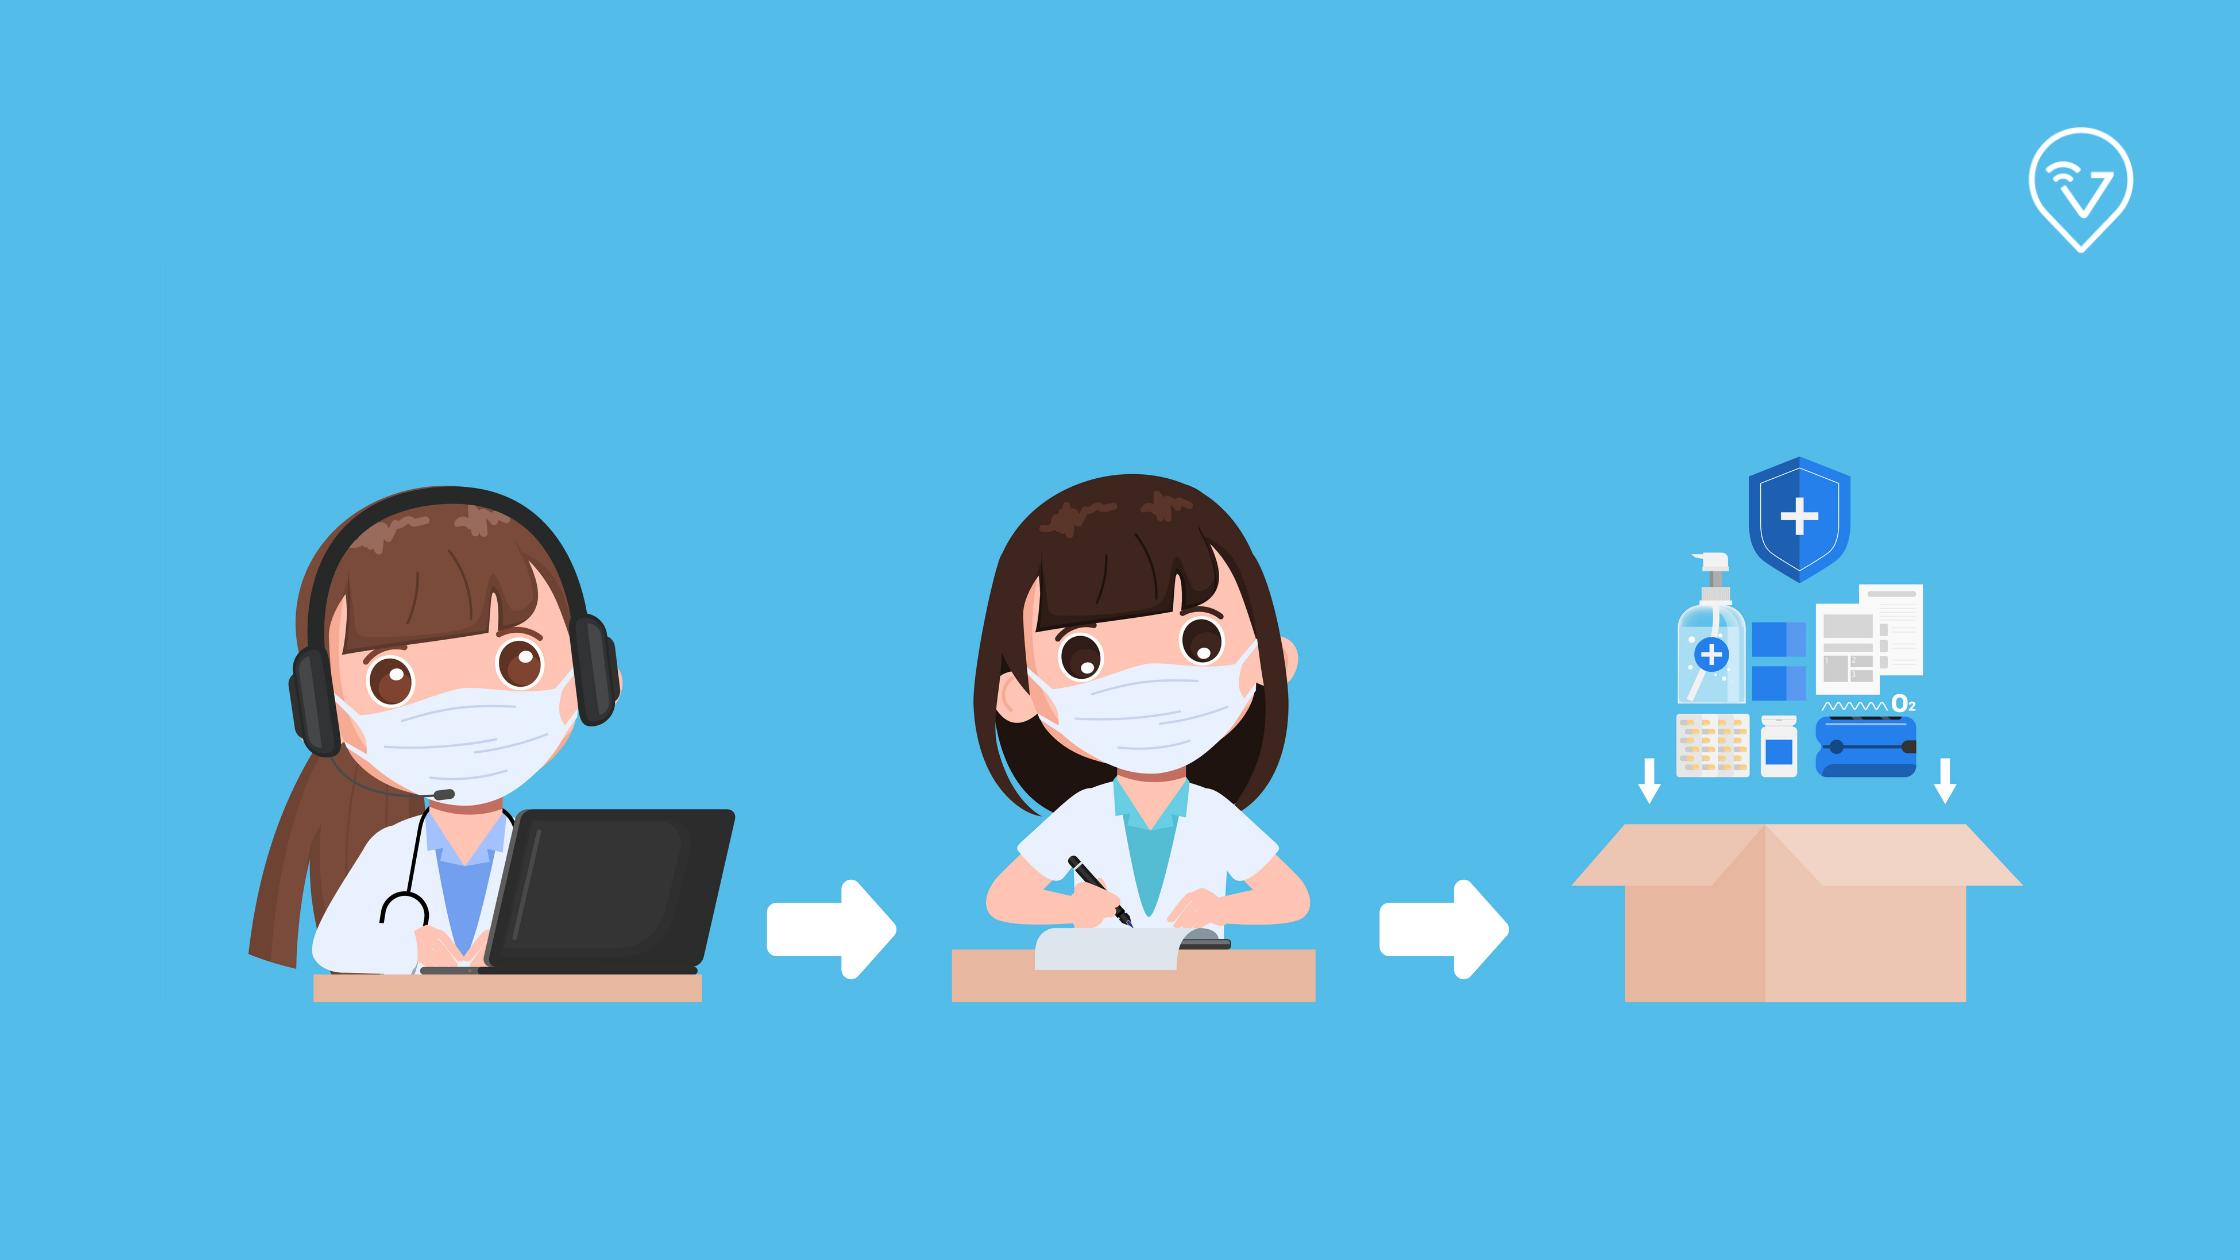 Delivery farmácia: dicas para ter um serviço de entregas perfeito